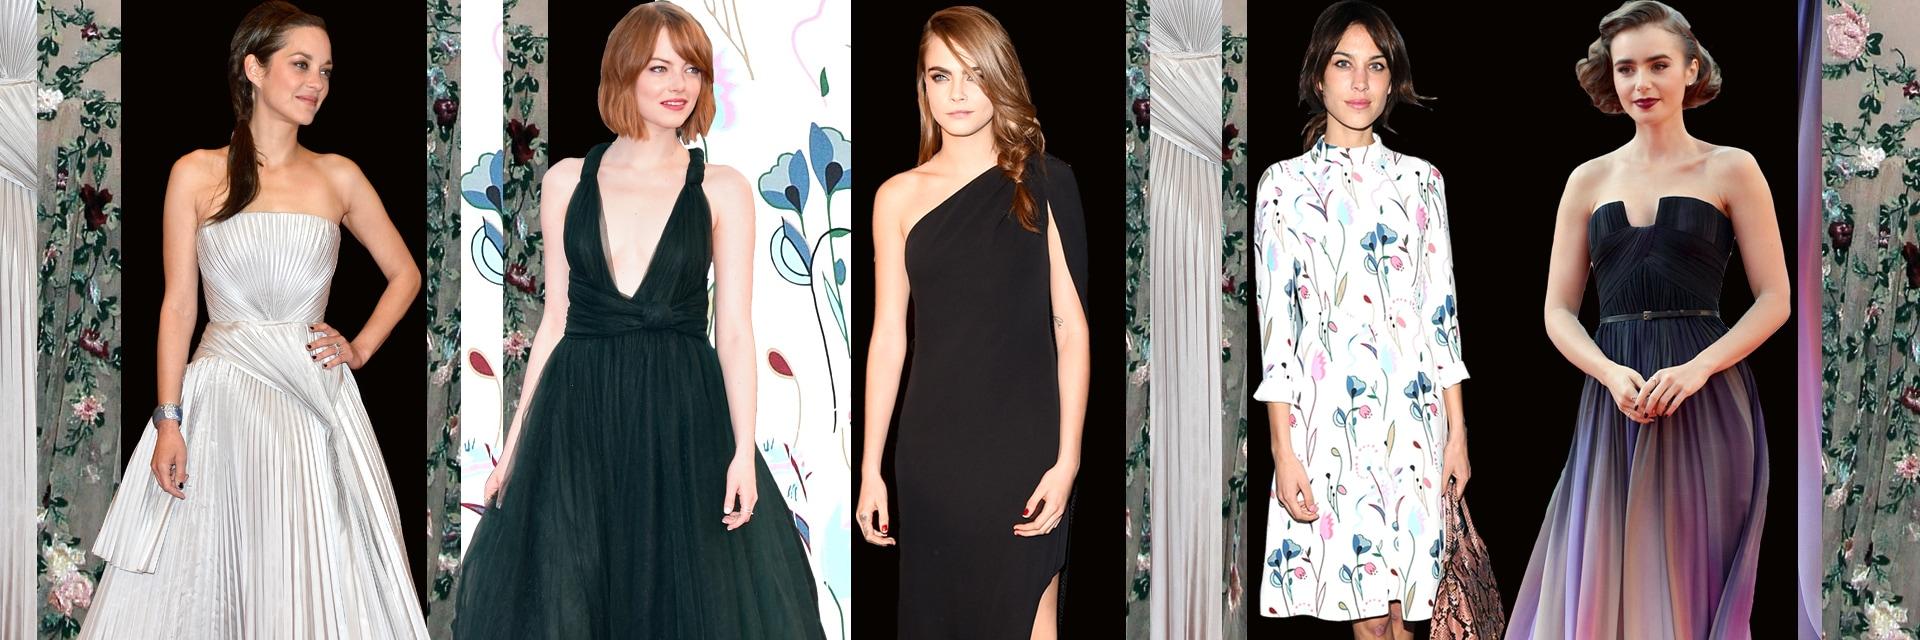 Le star più stilose del 2014: ecco la classifica